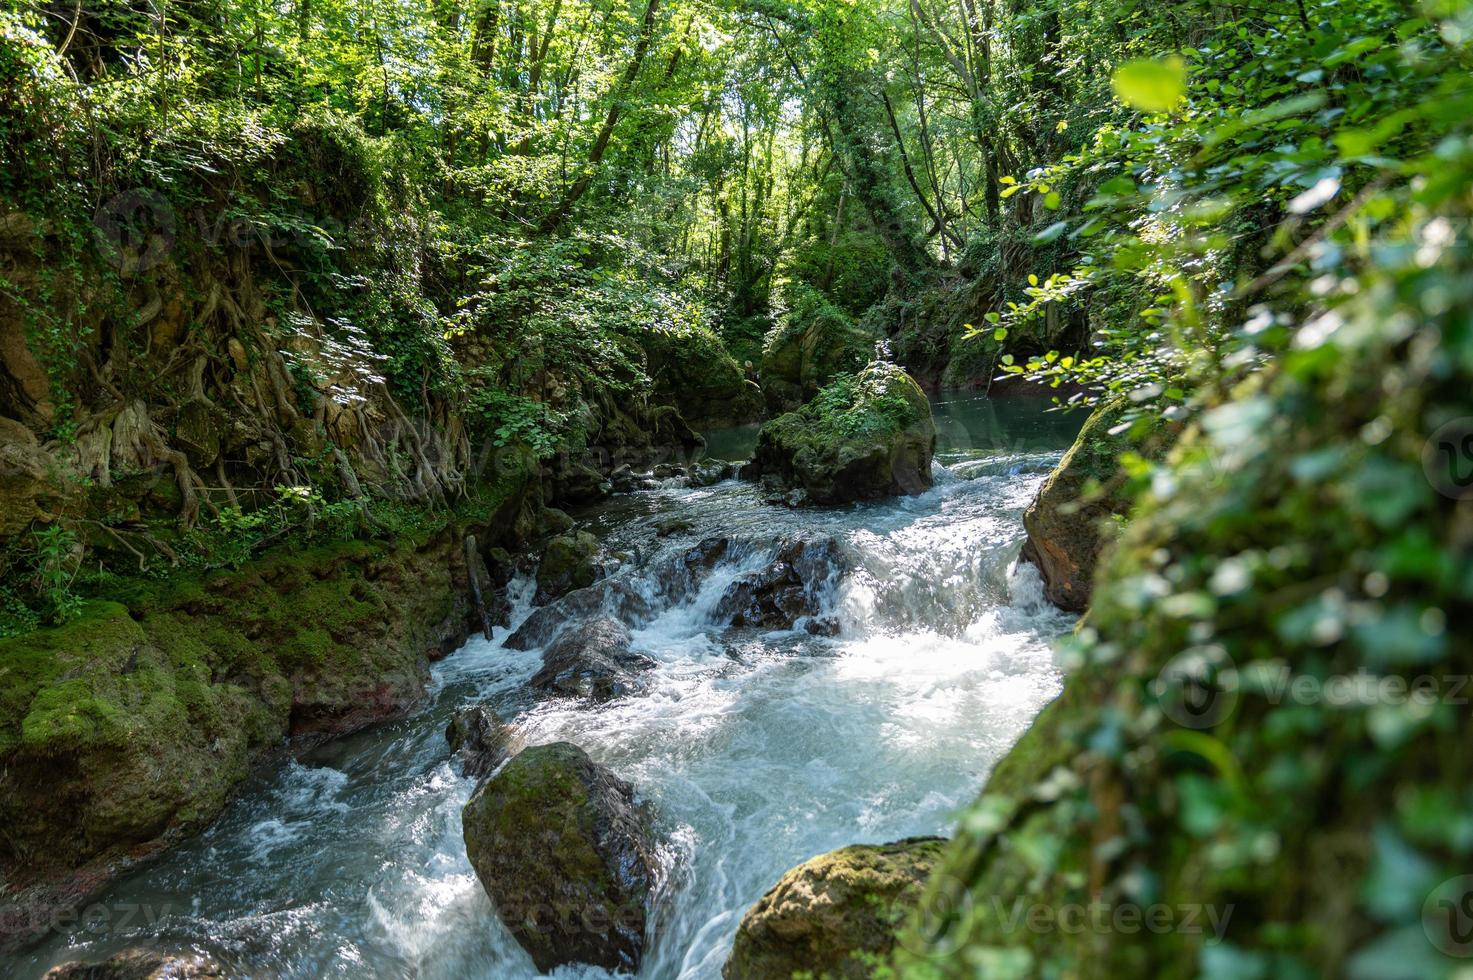 rivière dans les bois venant de la cascade de la marmore photo